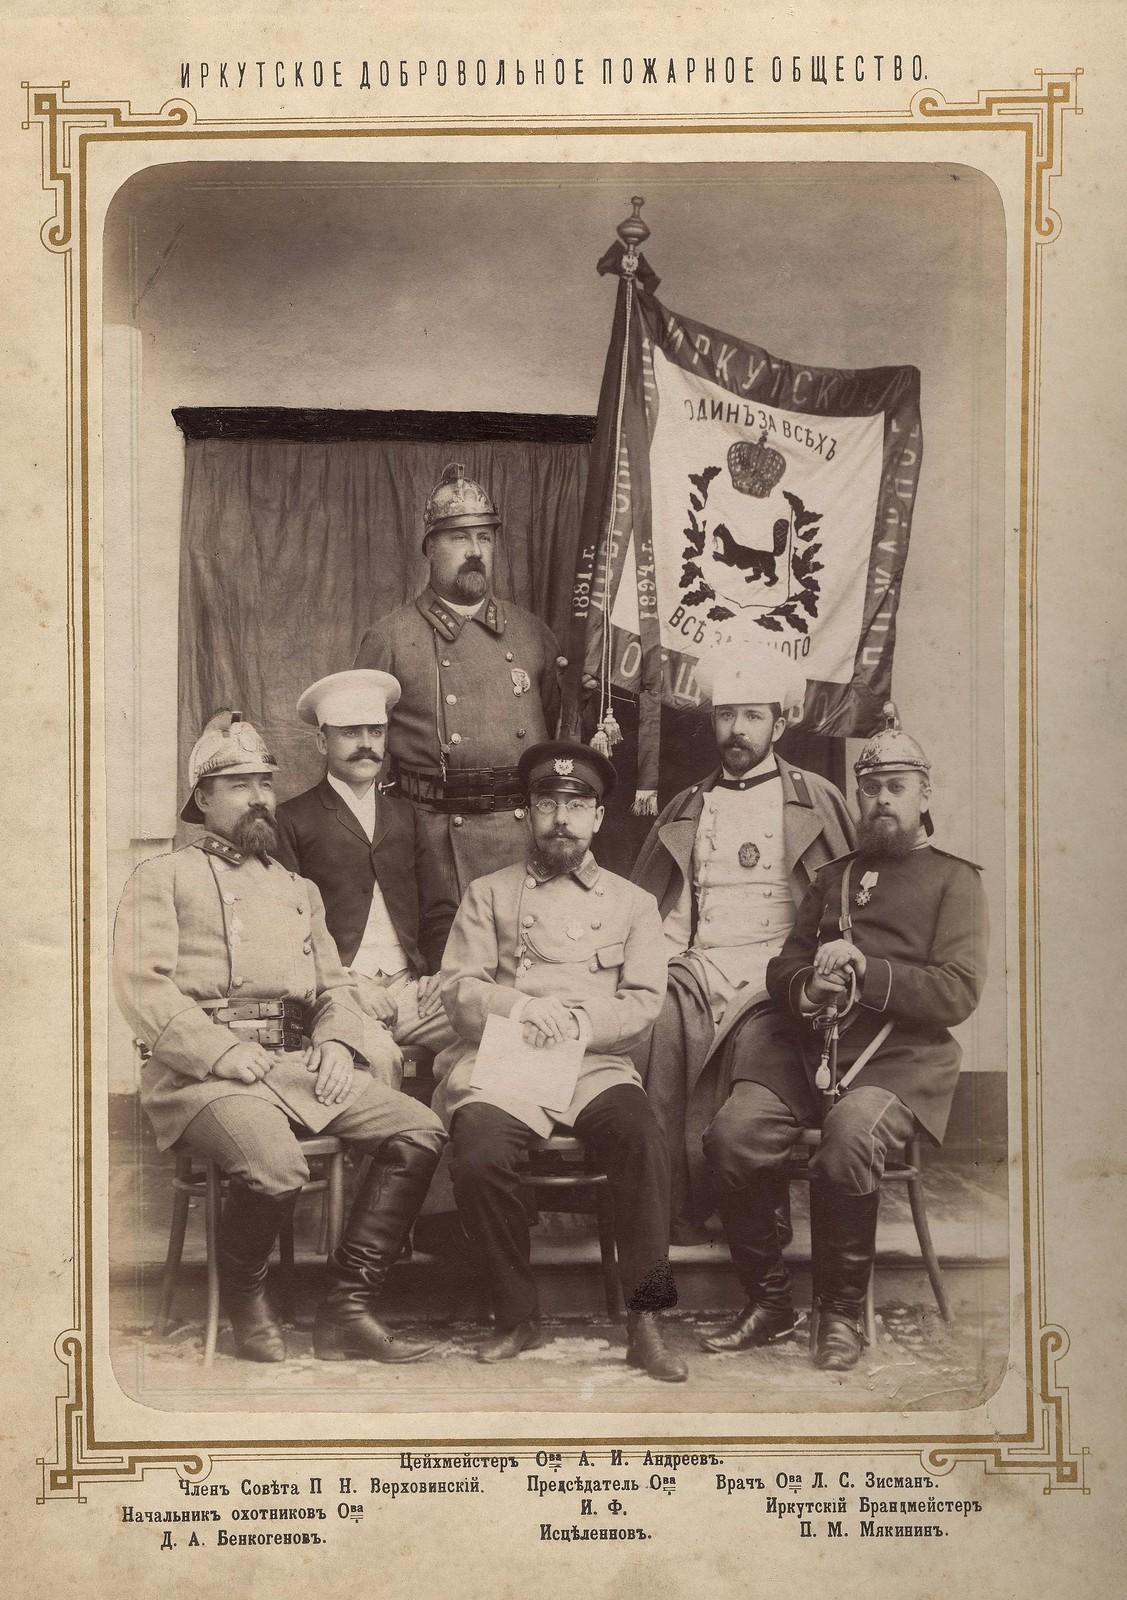 06. Члены пожарного общества